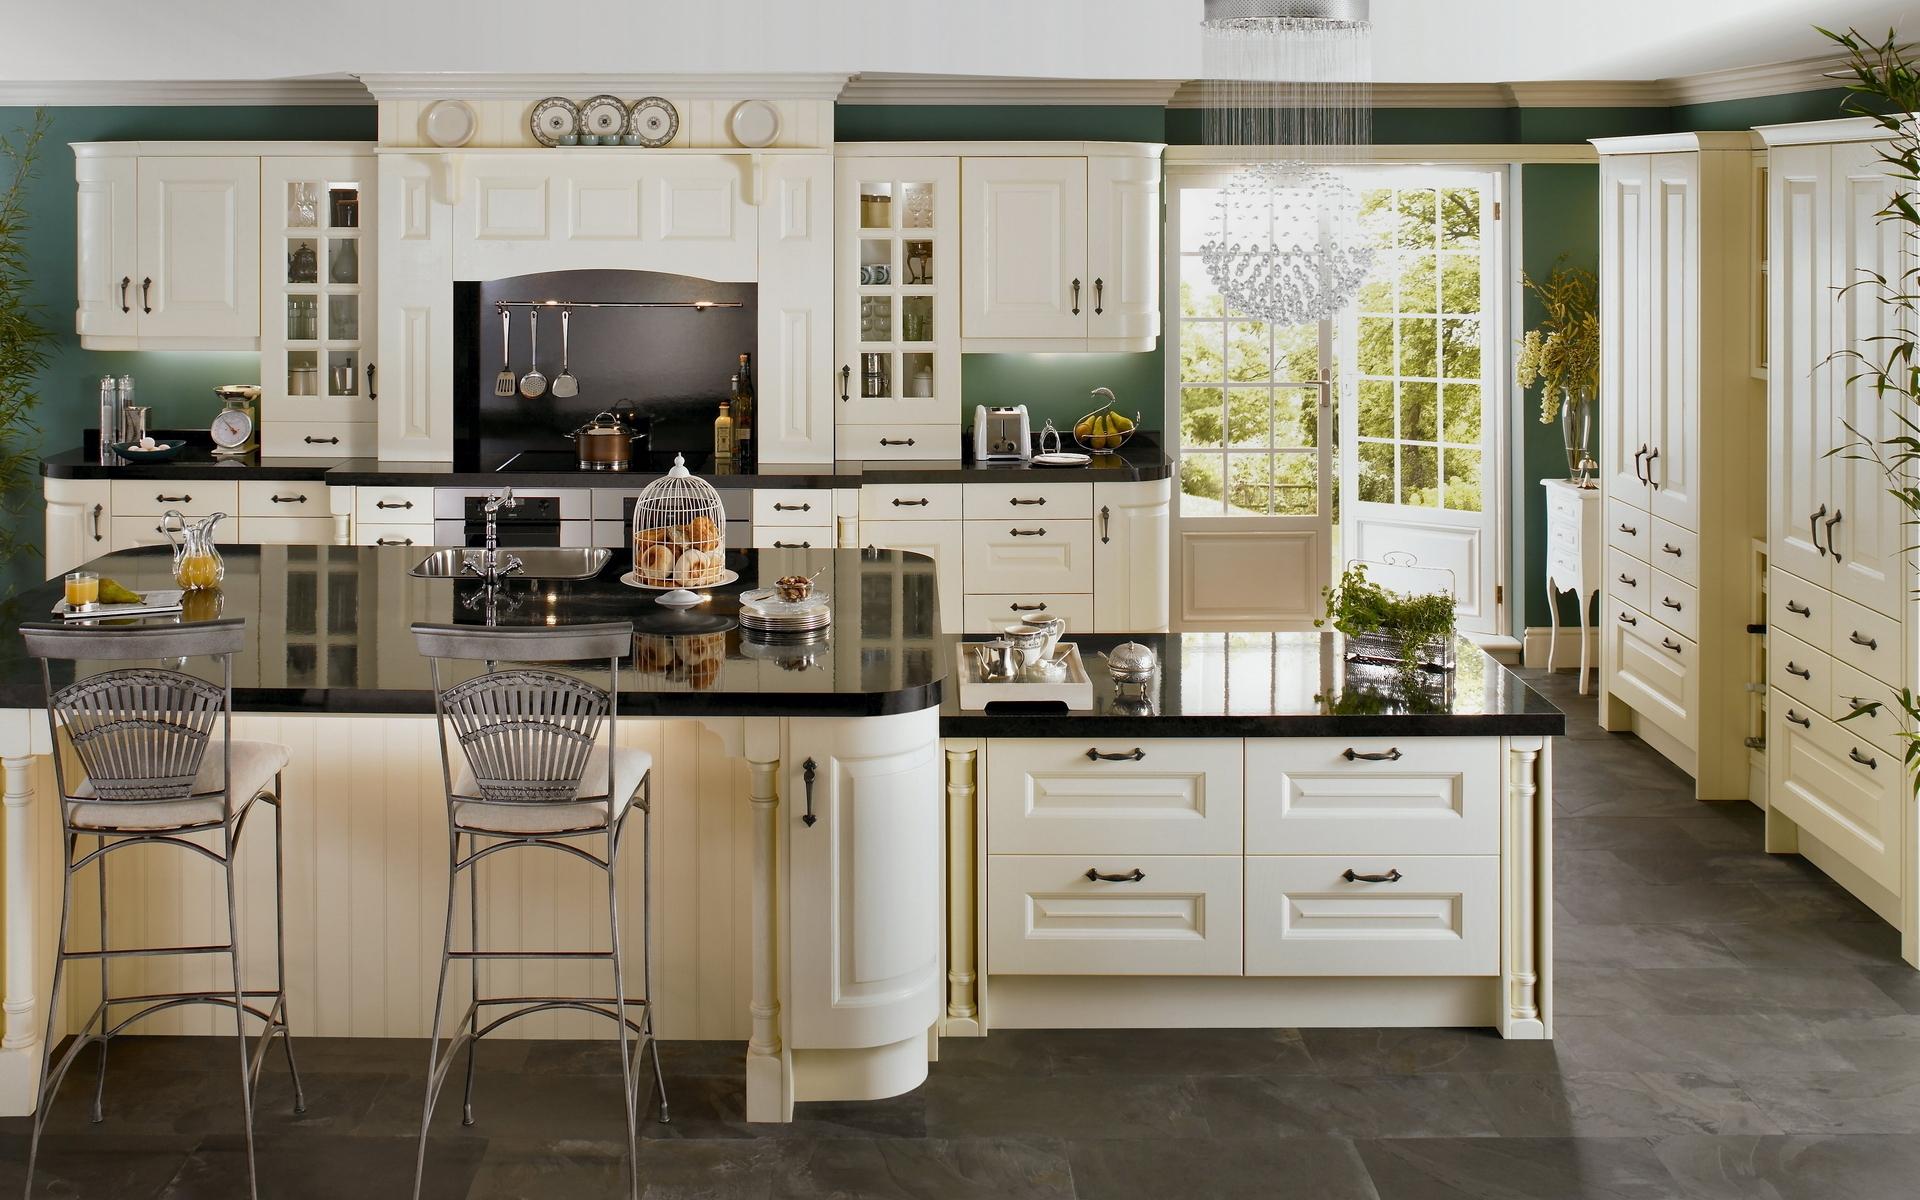 Fondos de pantalla : habitación, interior, mesa, cocina, Auriculares ...